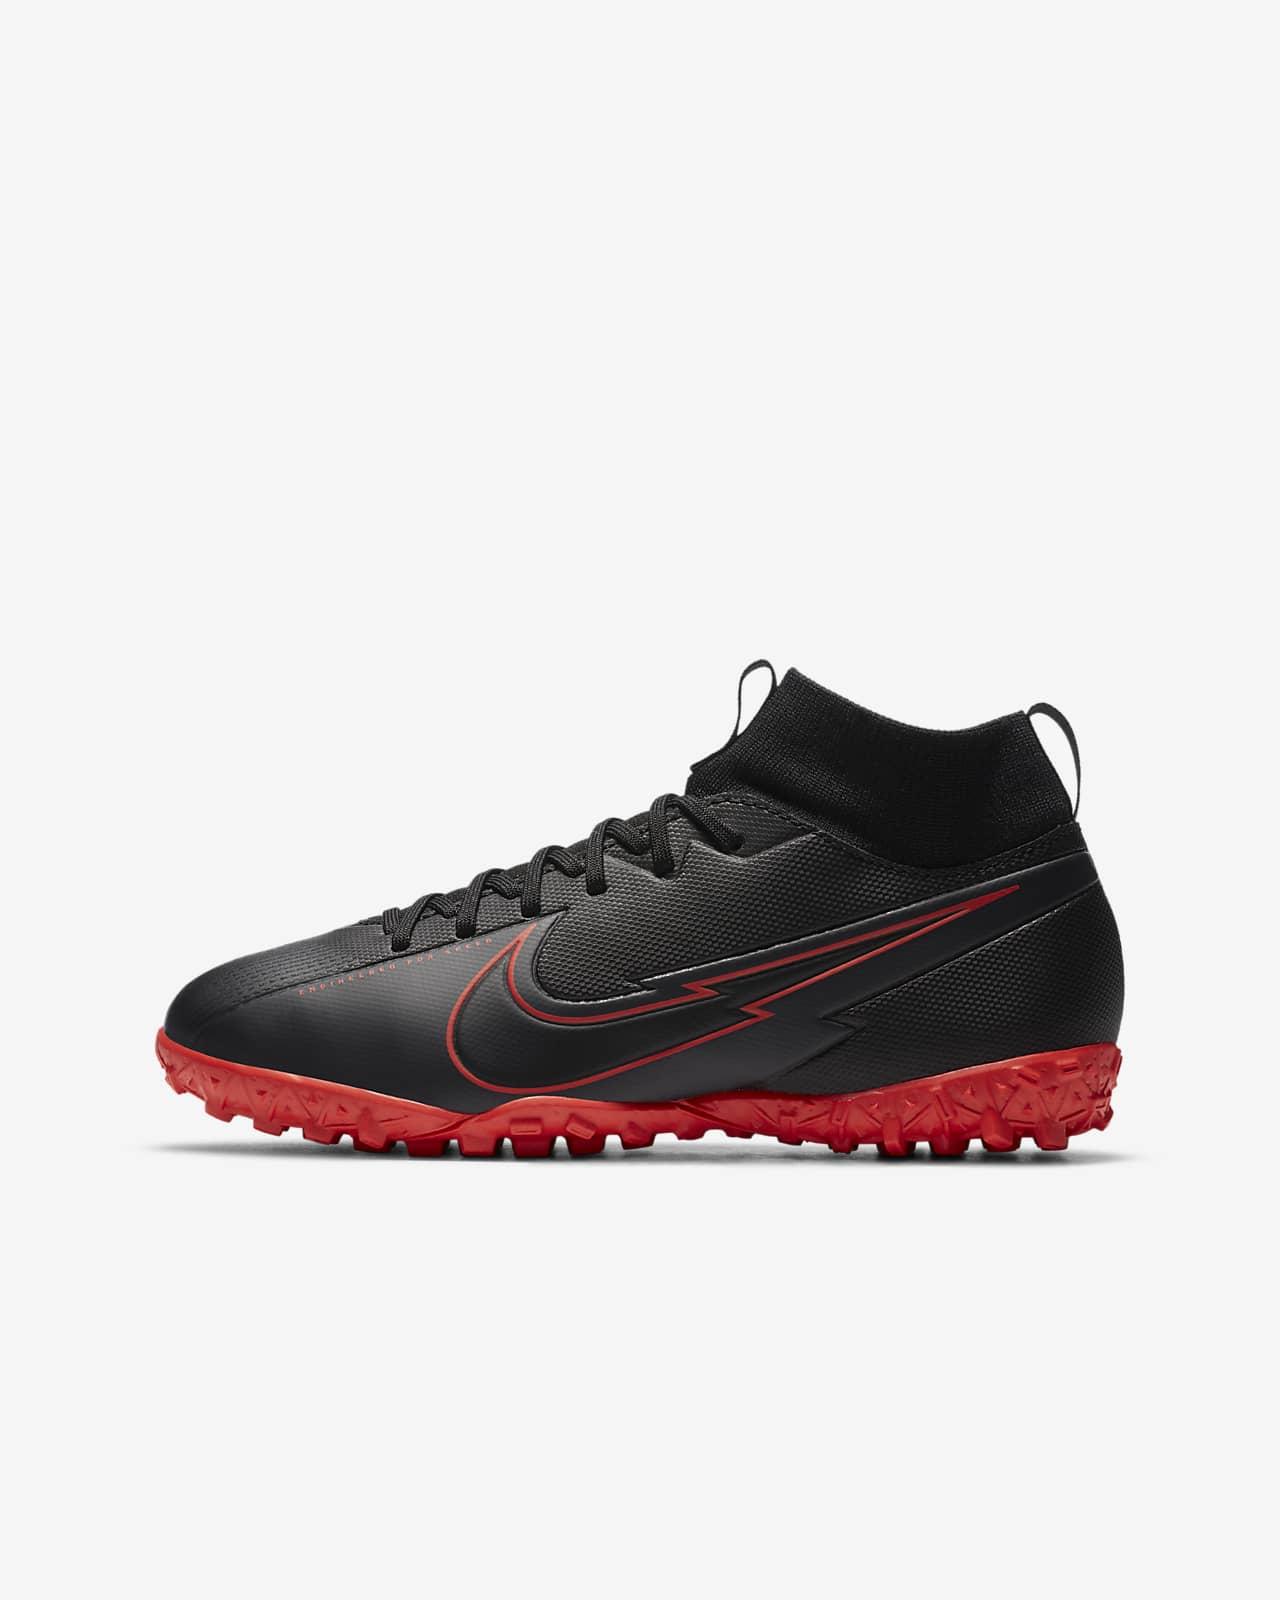 Chaussure de football pour surface synthétique Nike Jr. Mercurial Superfly 7 Academy TF pour Jeune enfant/Enfant plus âgé